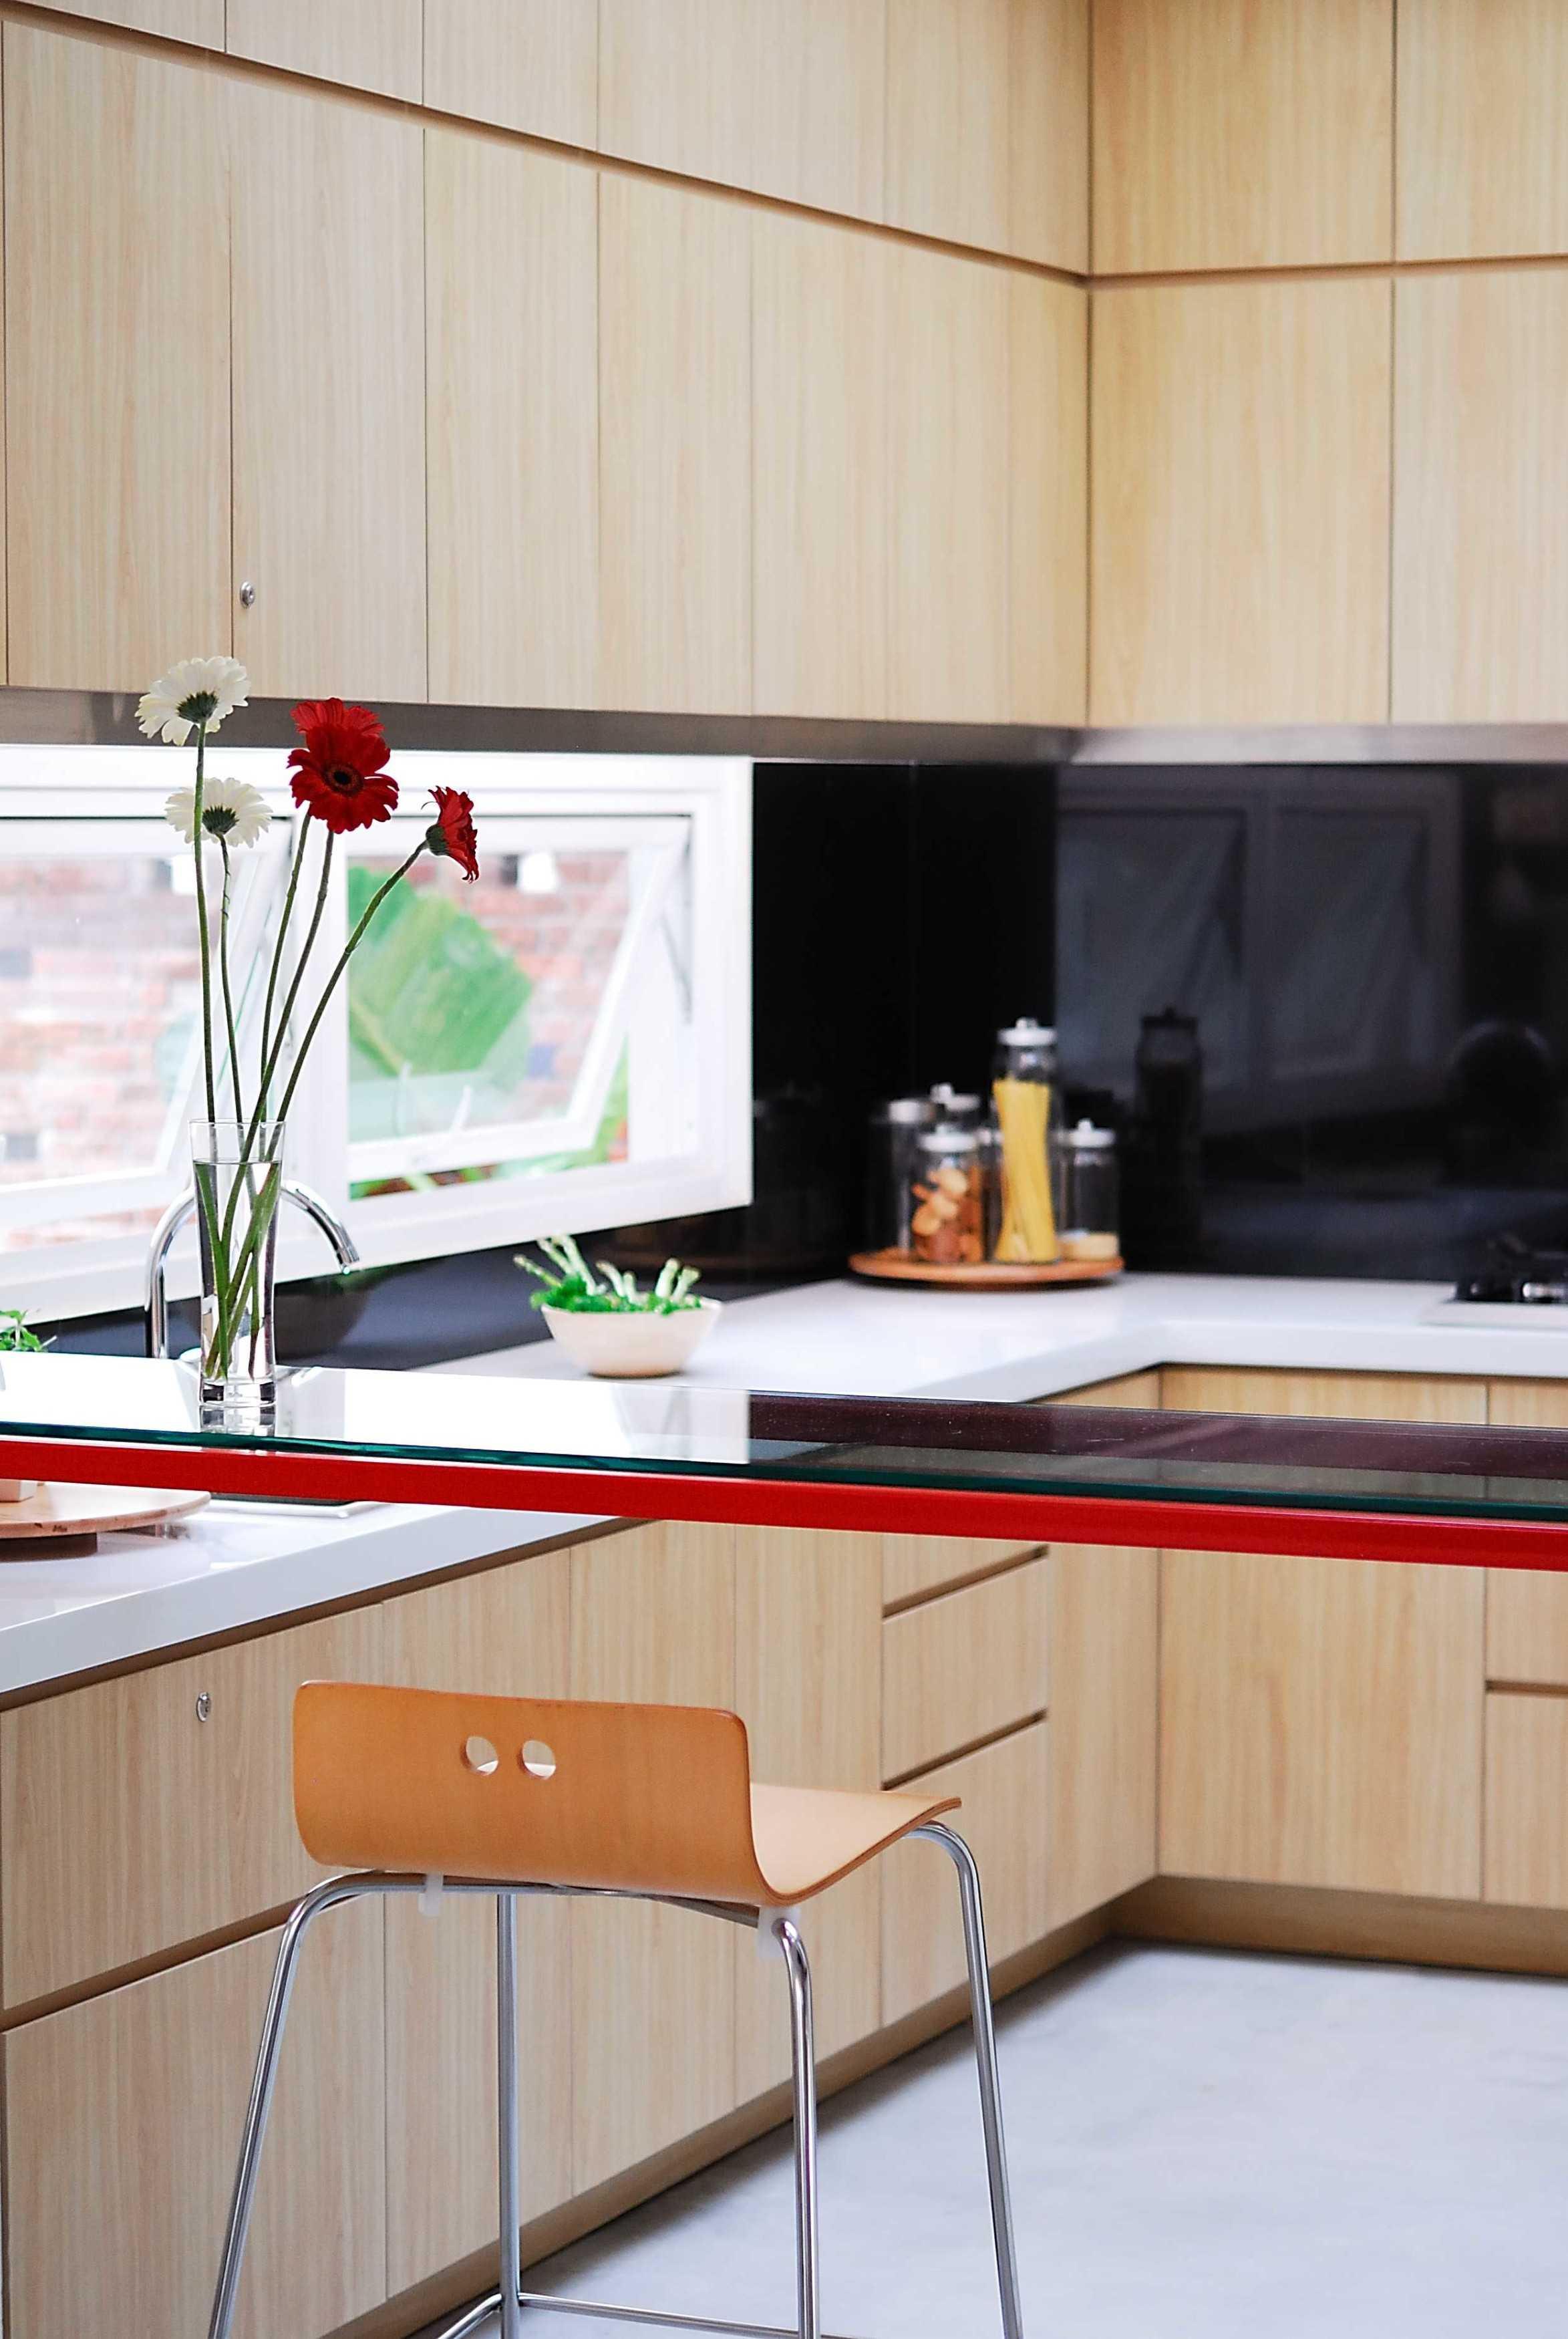 Erwin Kusuma Prv B66 Bandung Bandung Kitchen Room Modern  9716